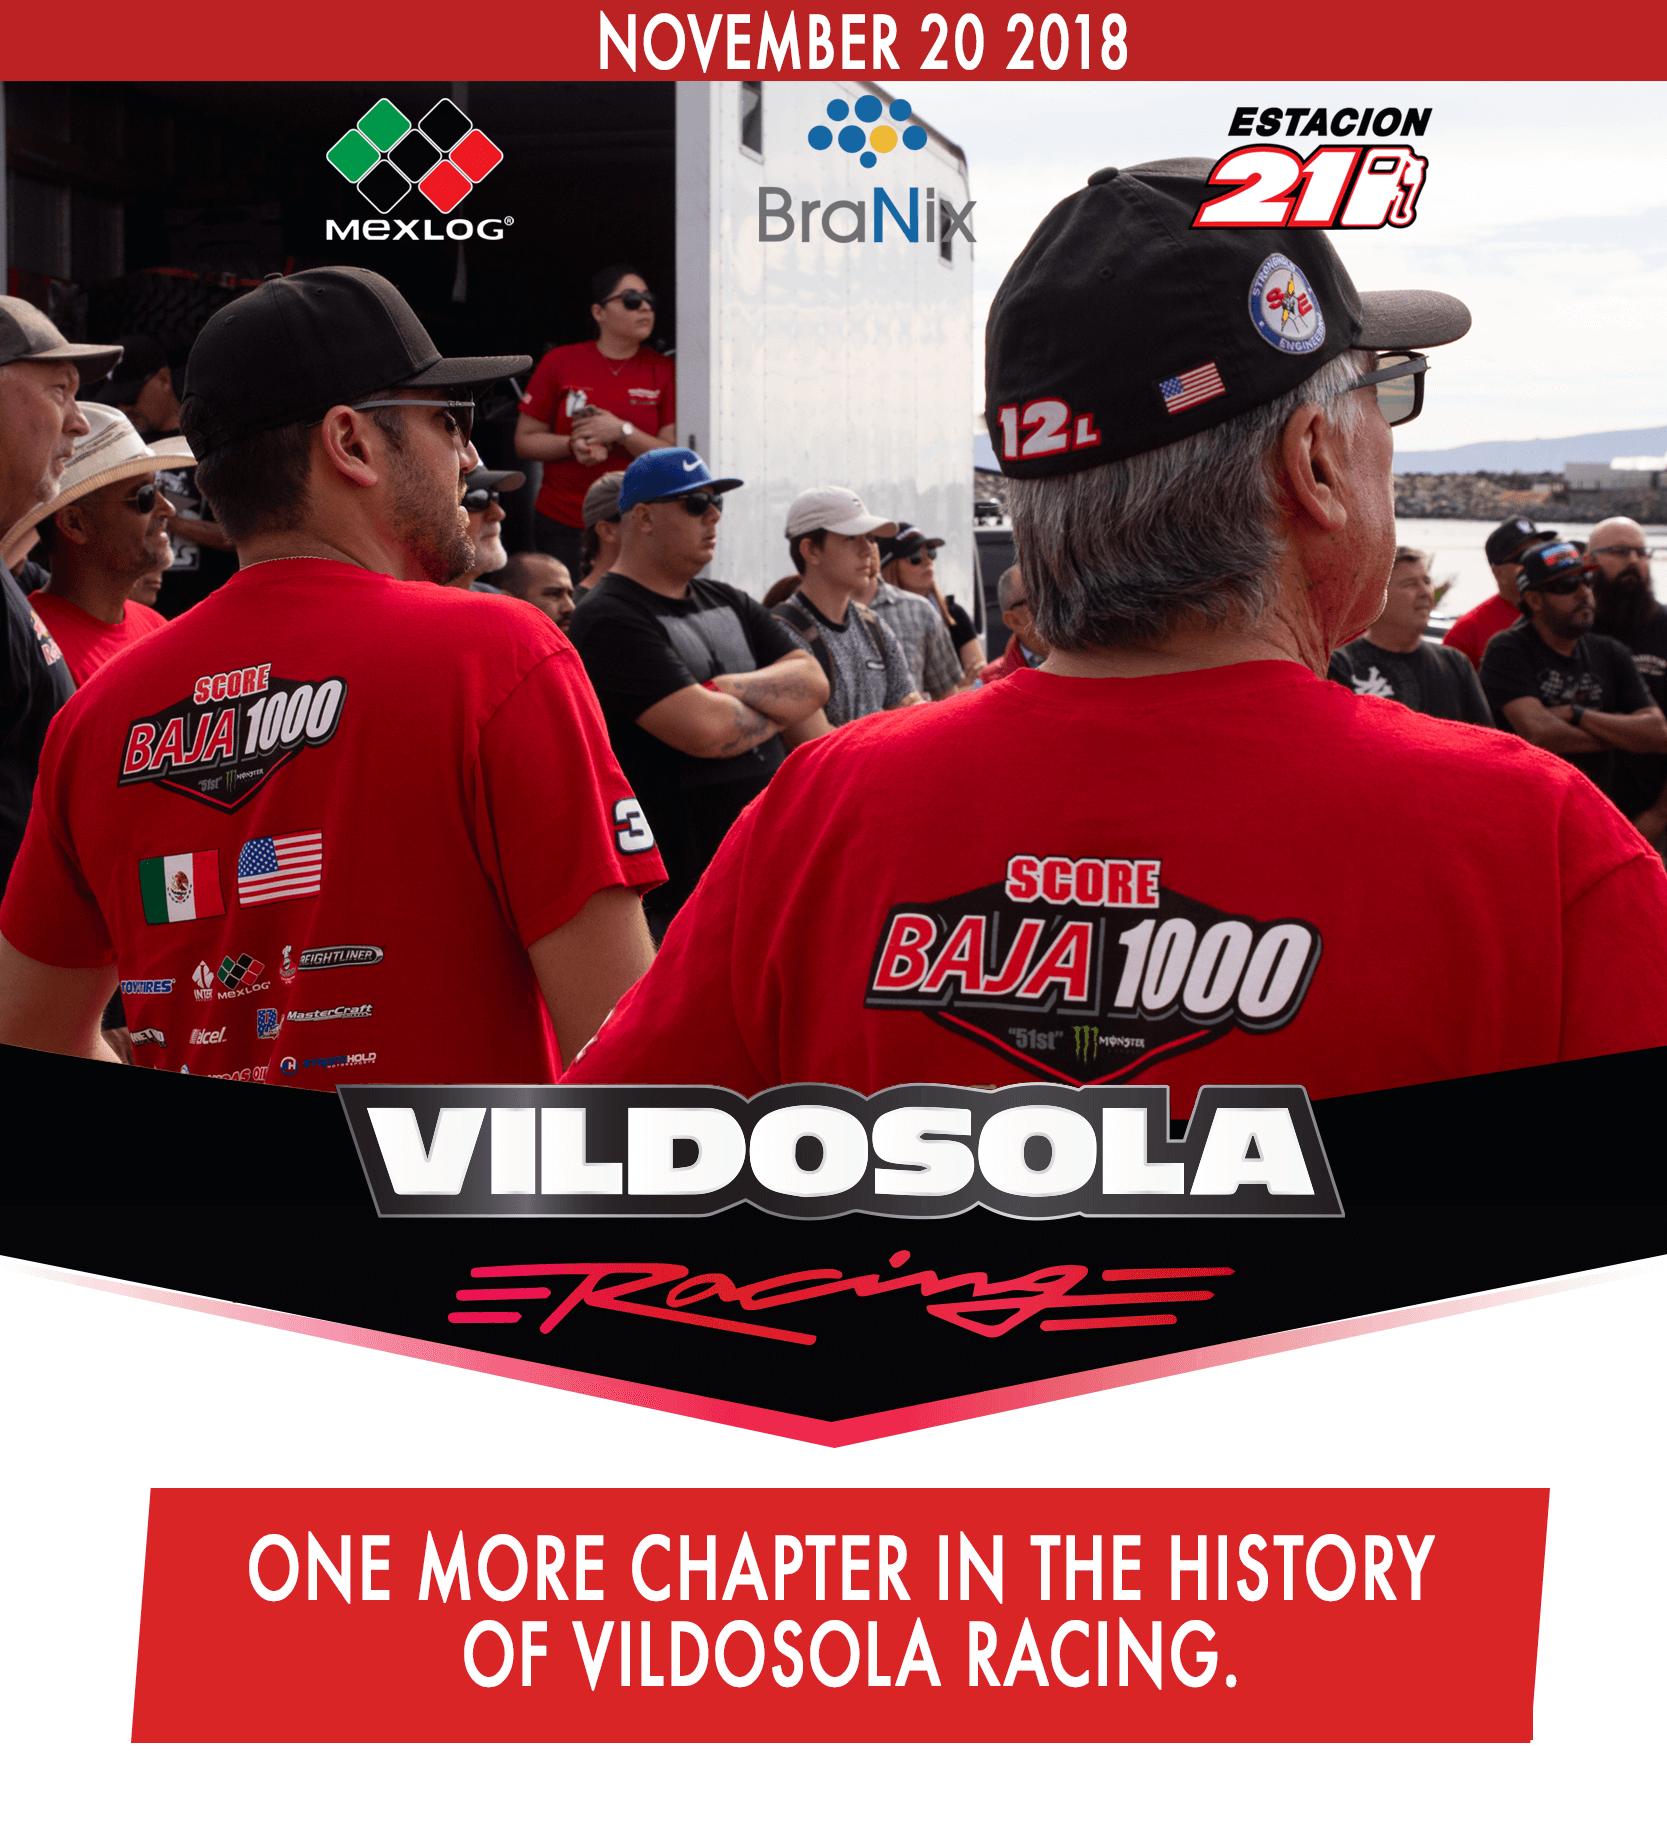 c9d542e82a3b6 Vildosola Racing - Press